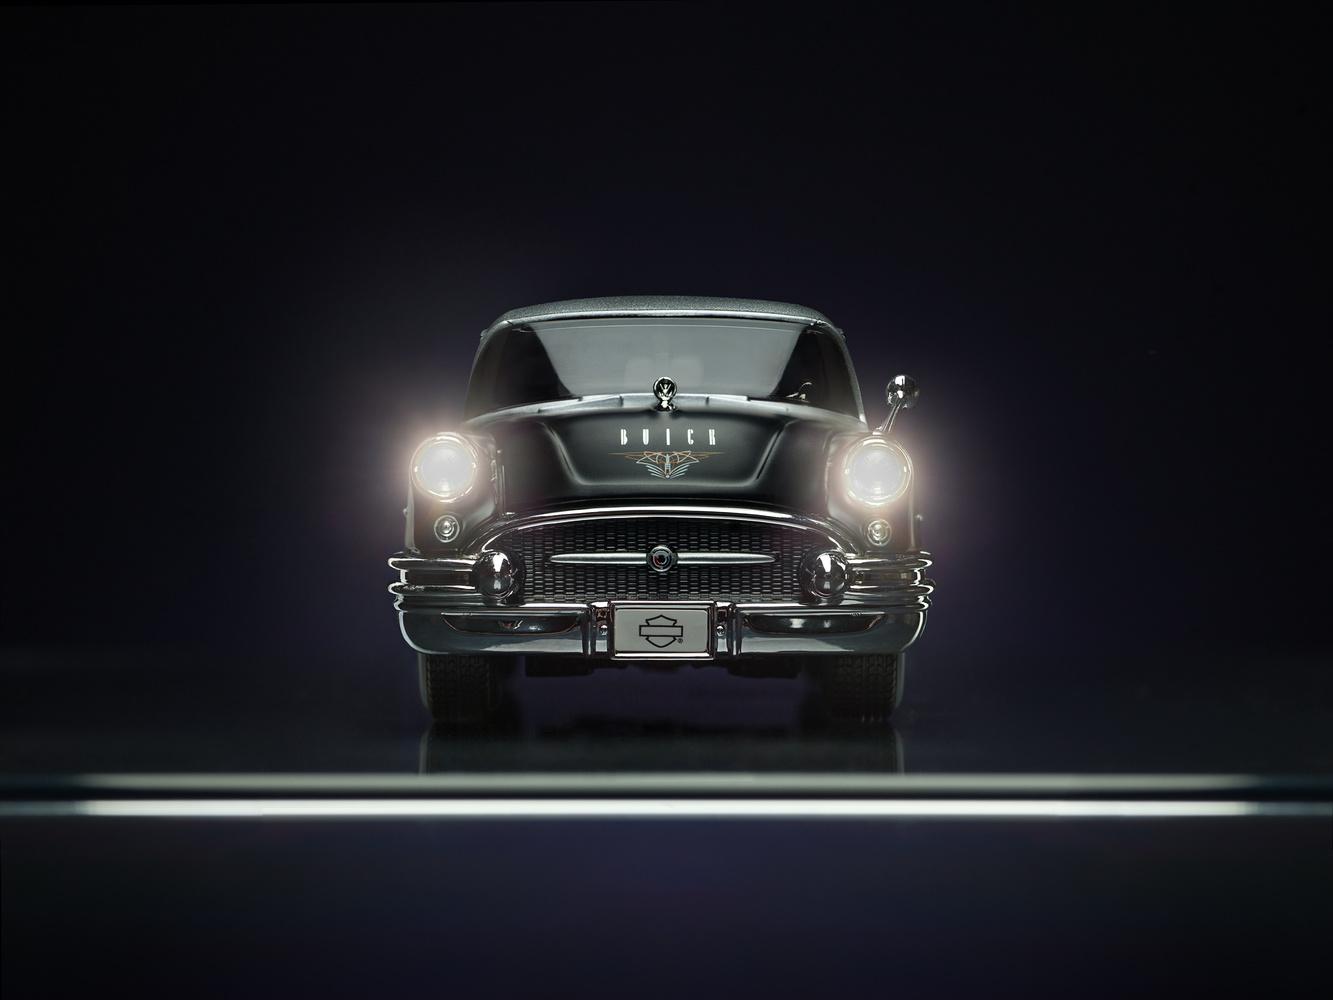 Buick 1955 by Alexander Khokhlov